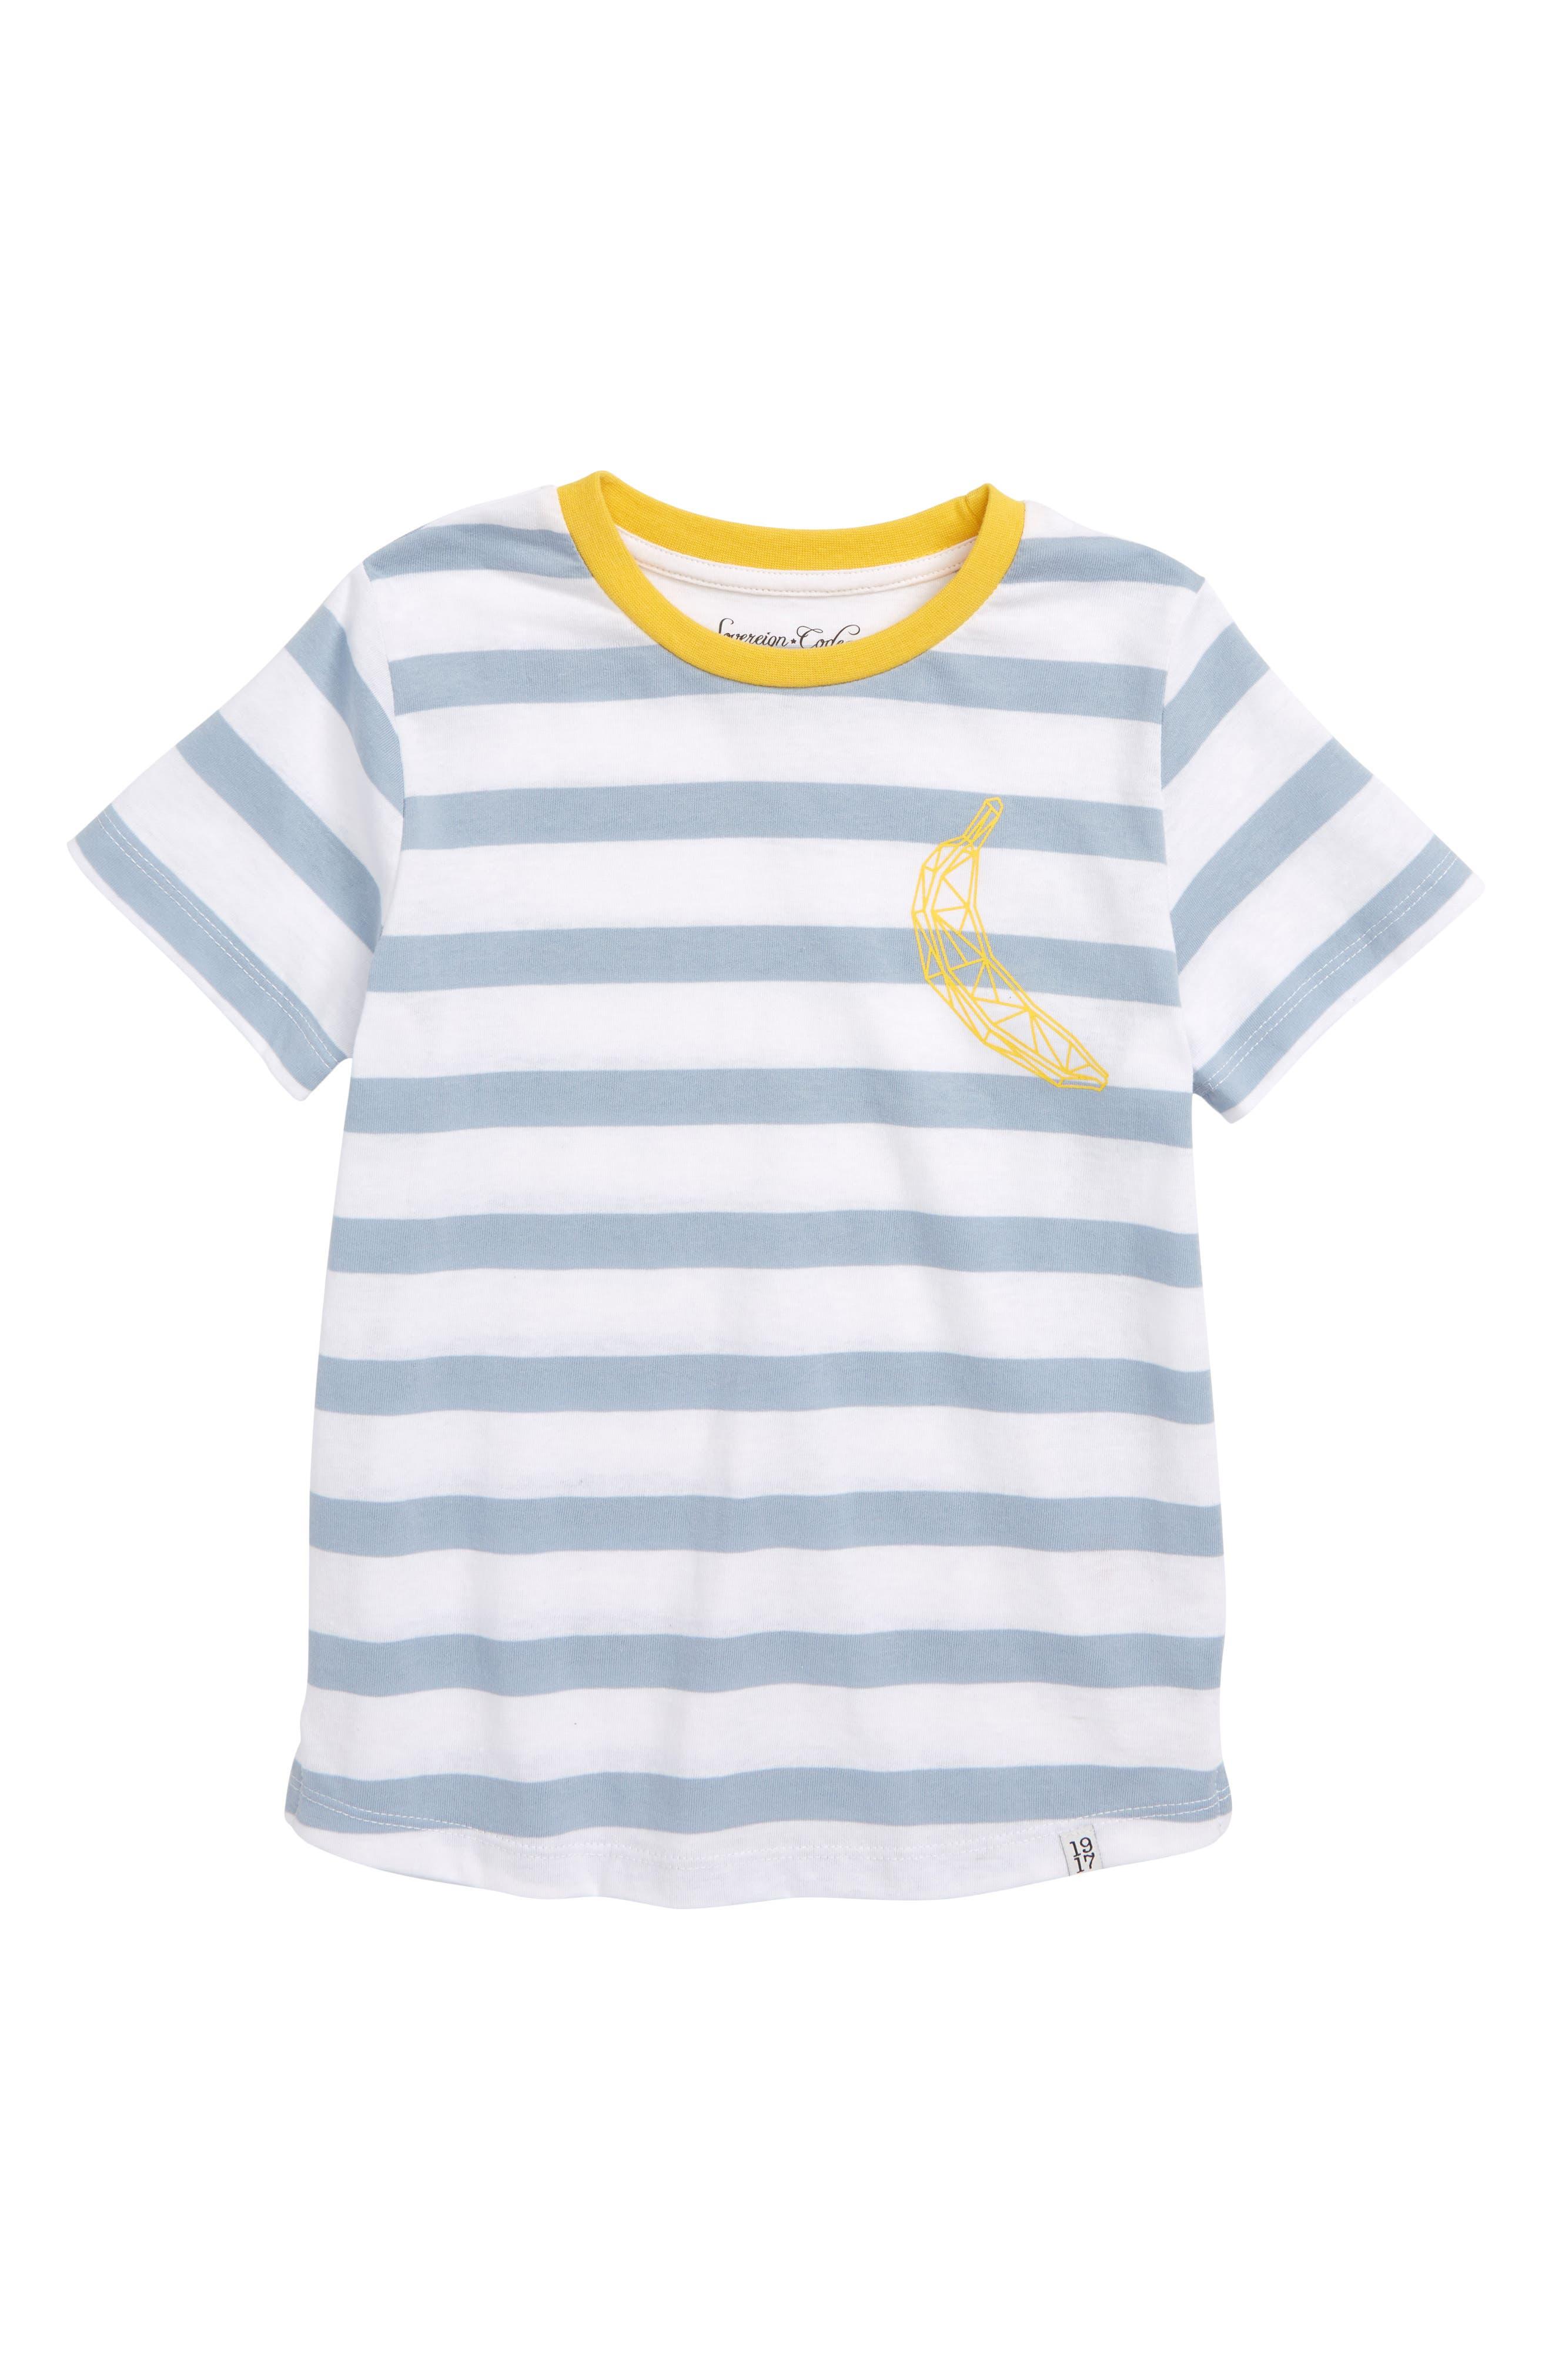 Vox Stripe T-Shirt,                             Main thumbnail 1, color,                             NANA